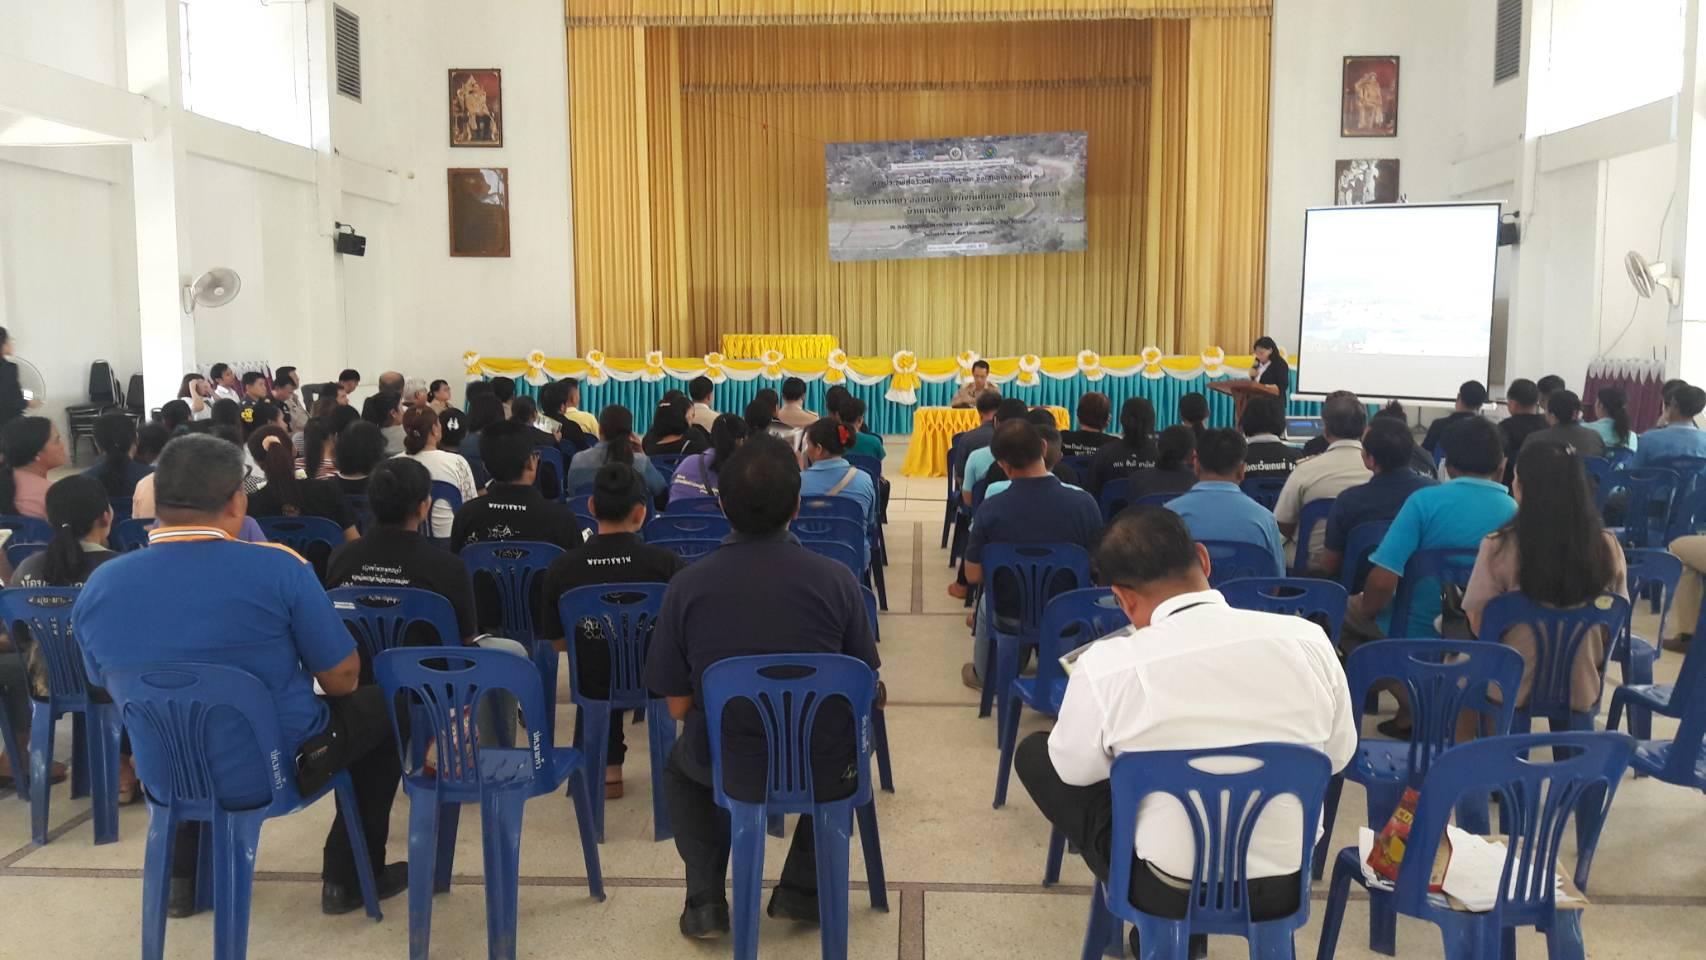 ผู้เข้าร่วมประชุม